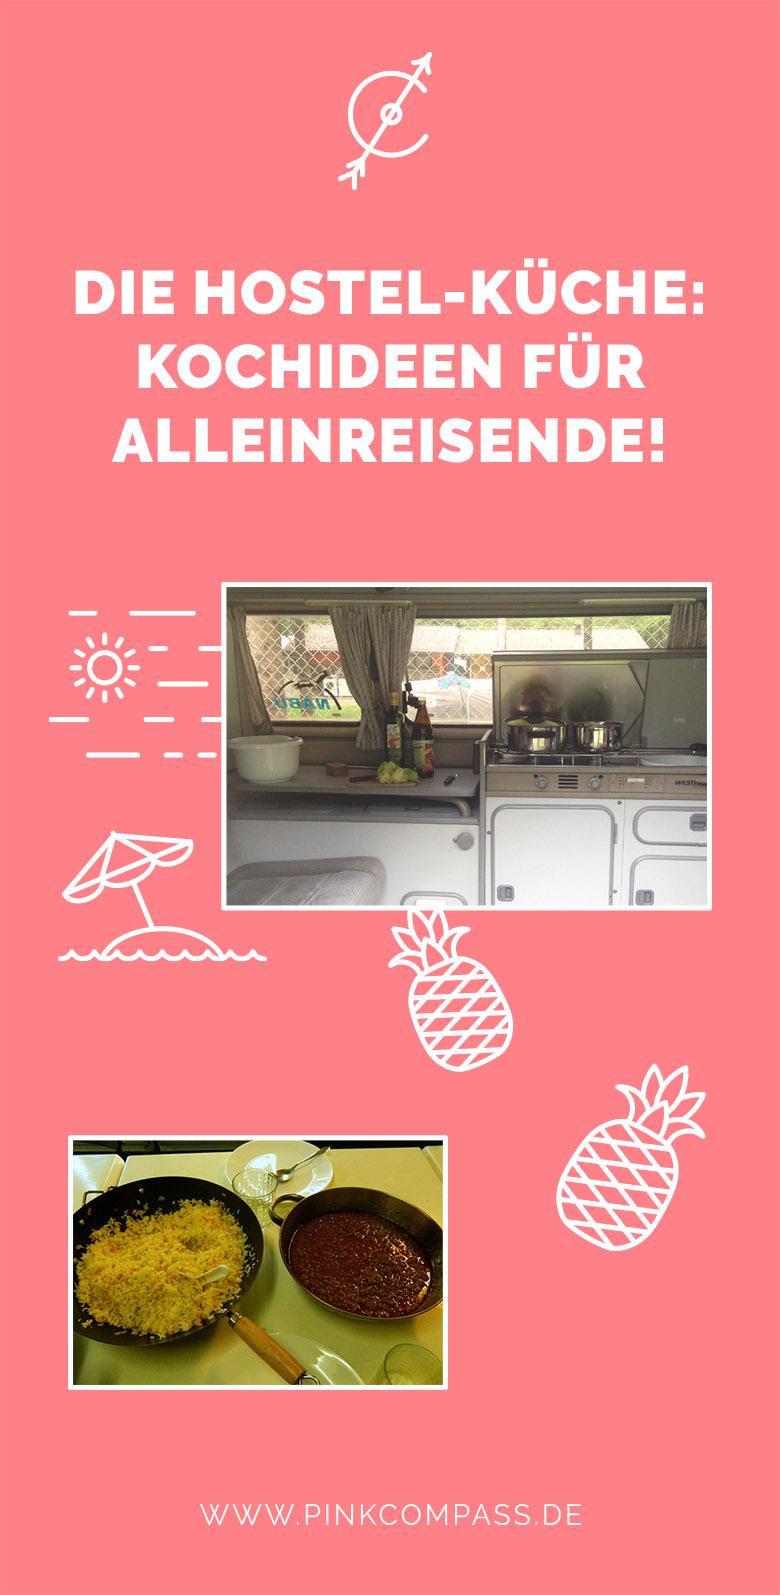 Hostel-Küche: Meine Kochideen für alleinreisende Frauen